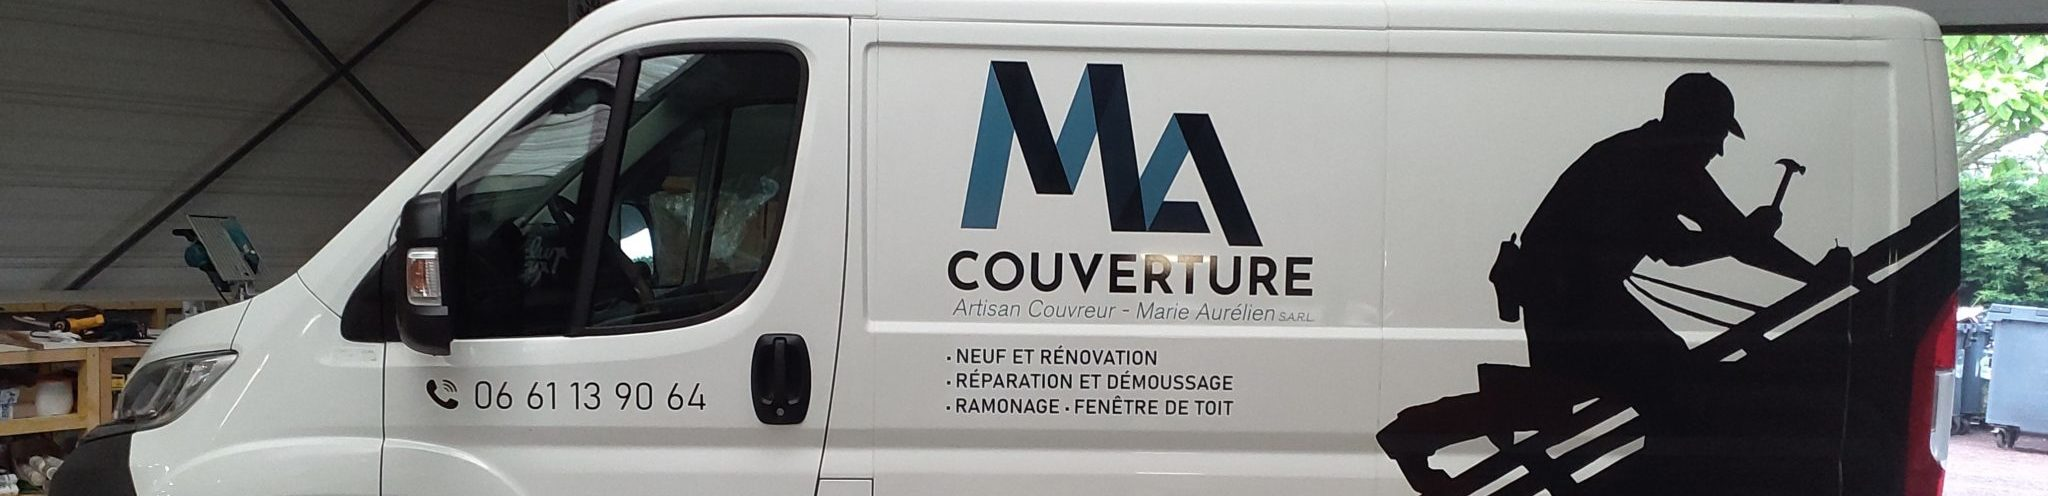 Un covering tout en élégance pour les véhicules de la société MA Couverture